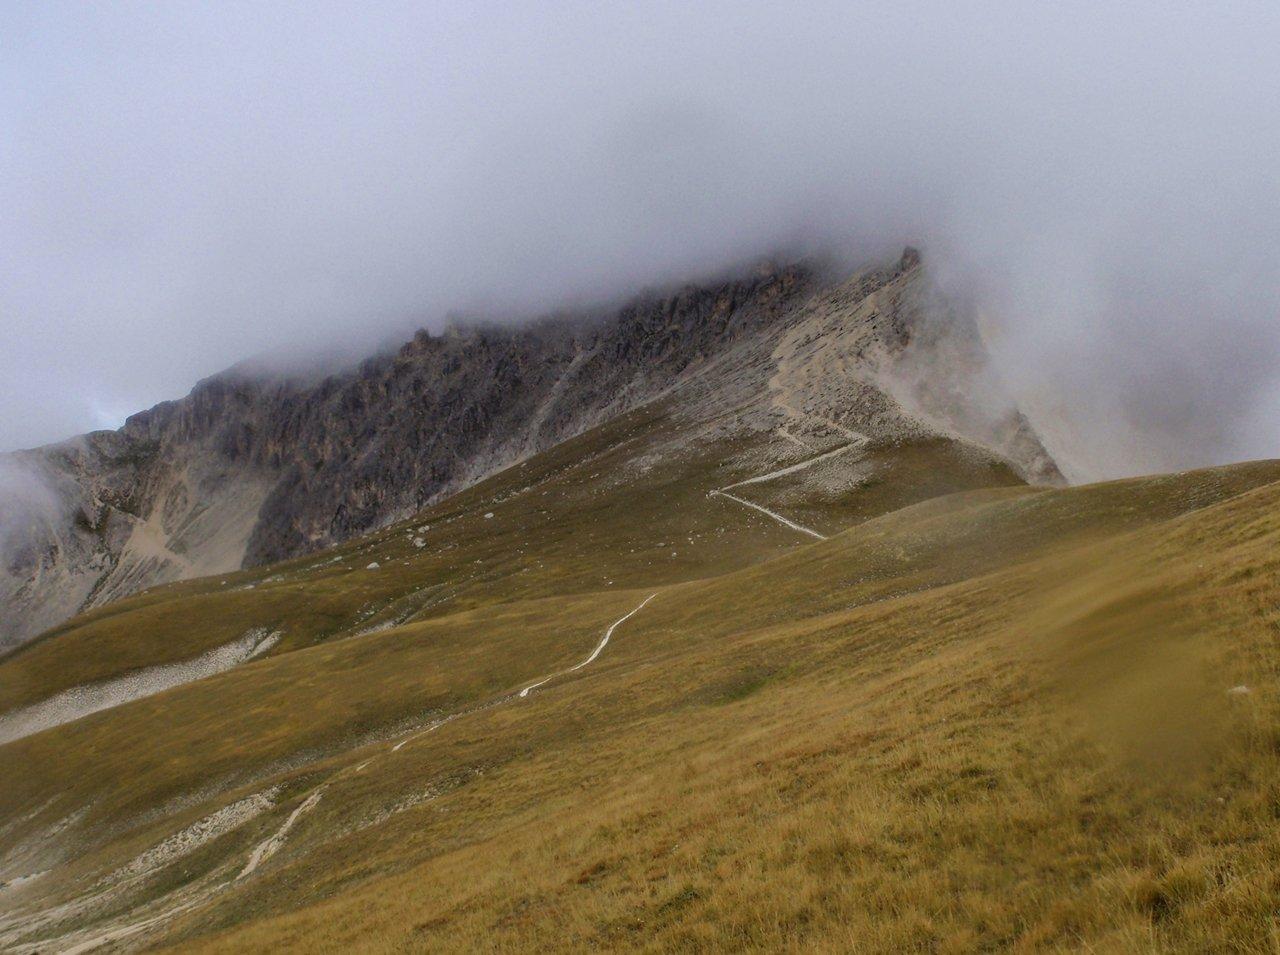 il Corno Grande avvolto nella nebbia